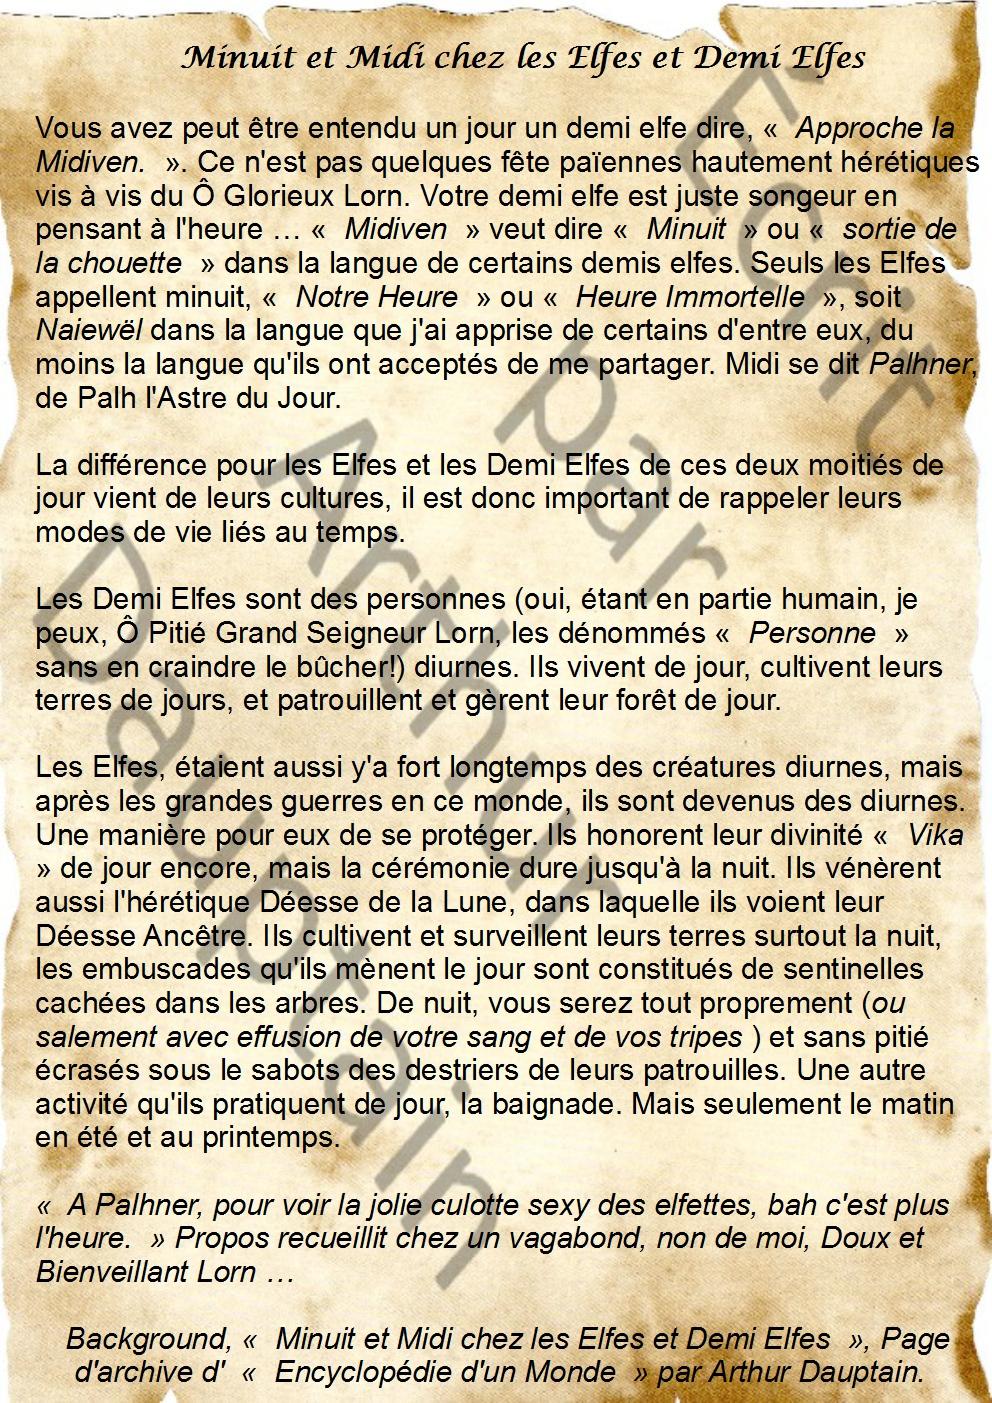 [Culture et Langue Elfique] Minuit et Midi chez les Elfes et Demi Elfes